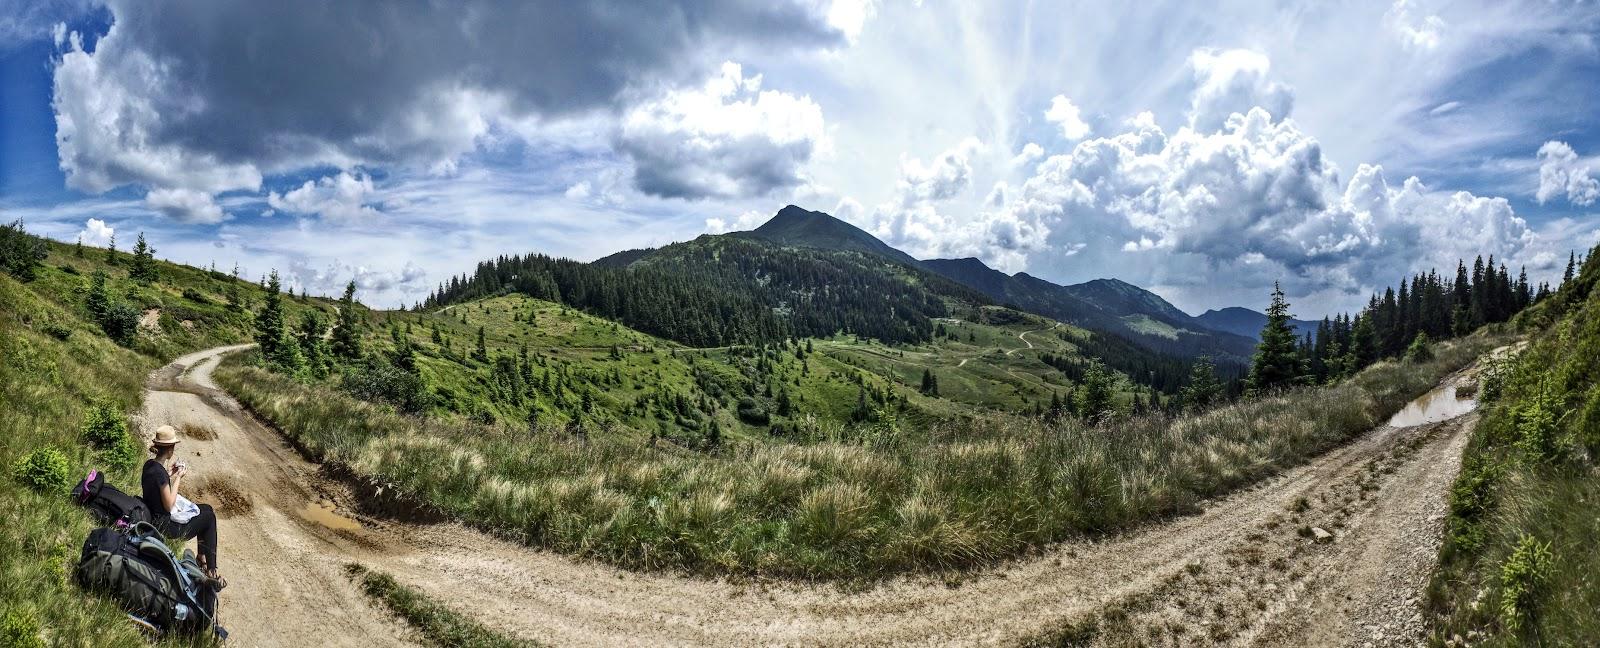 Панорама, полонини Лисича та гори Піп Іван Мармароський